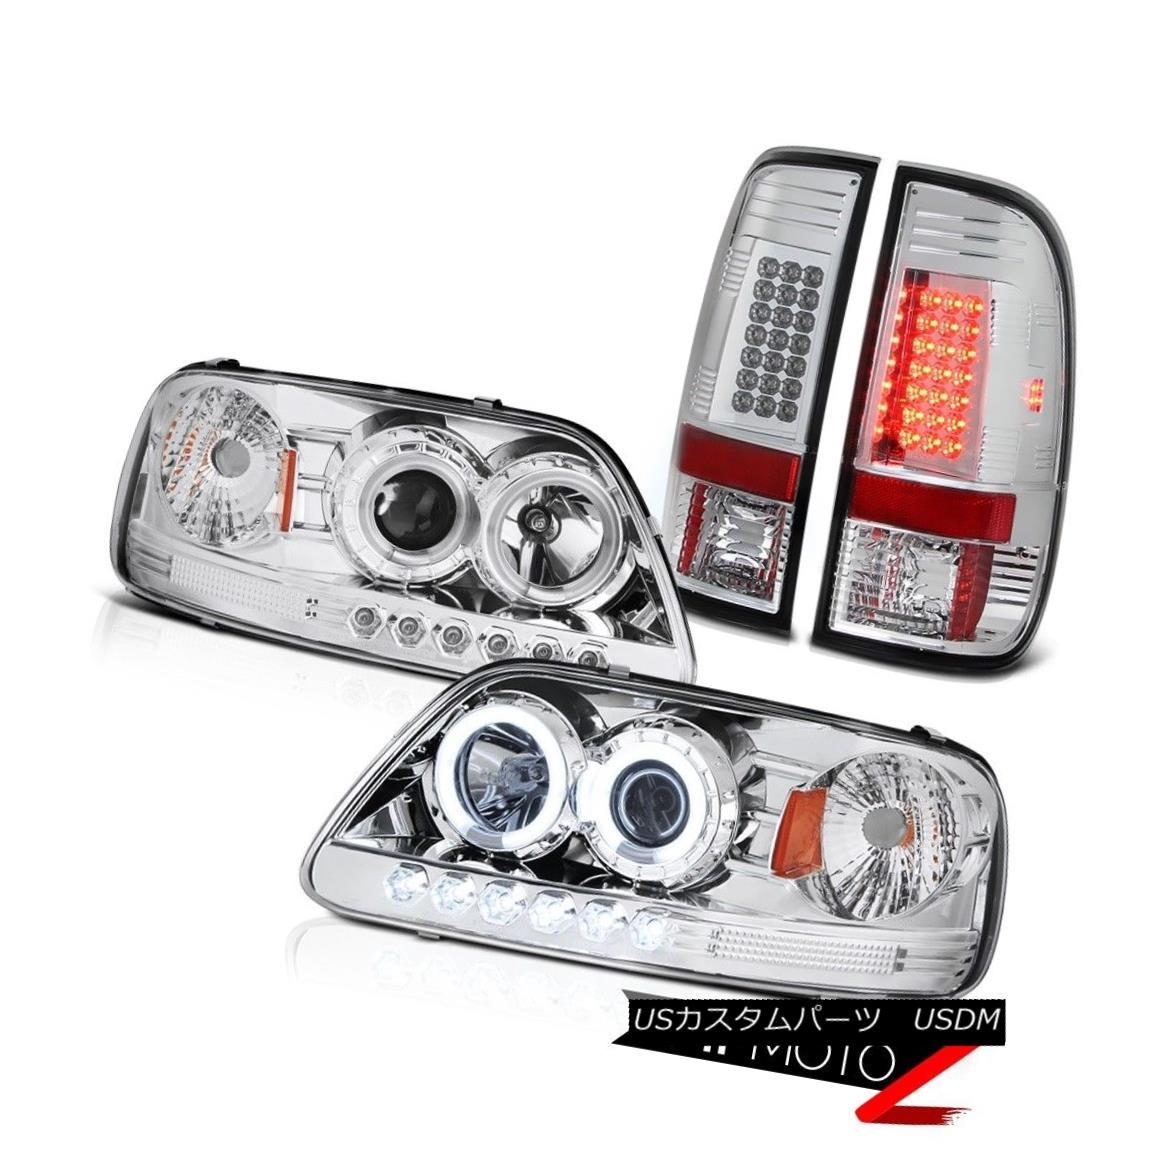 ヘッドライト F150 Hertiage 1997-2003 CCFL Halo Angel Eye Headlamps SMD LED Rear Tail Lights F150 Heritage 1997-2003 CCFL Halo Angel EyeヘッドランプSMD LEDリアテールライト